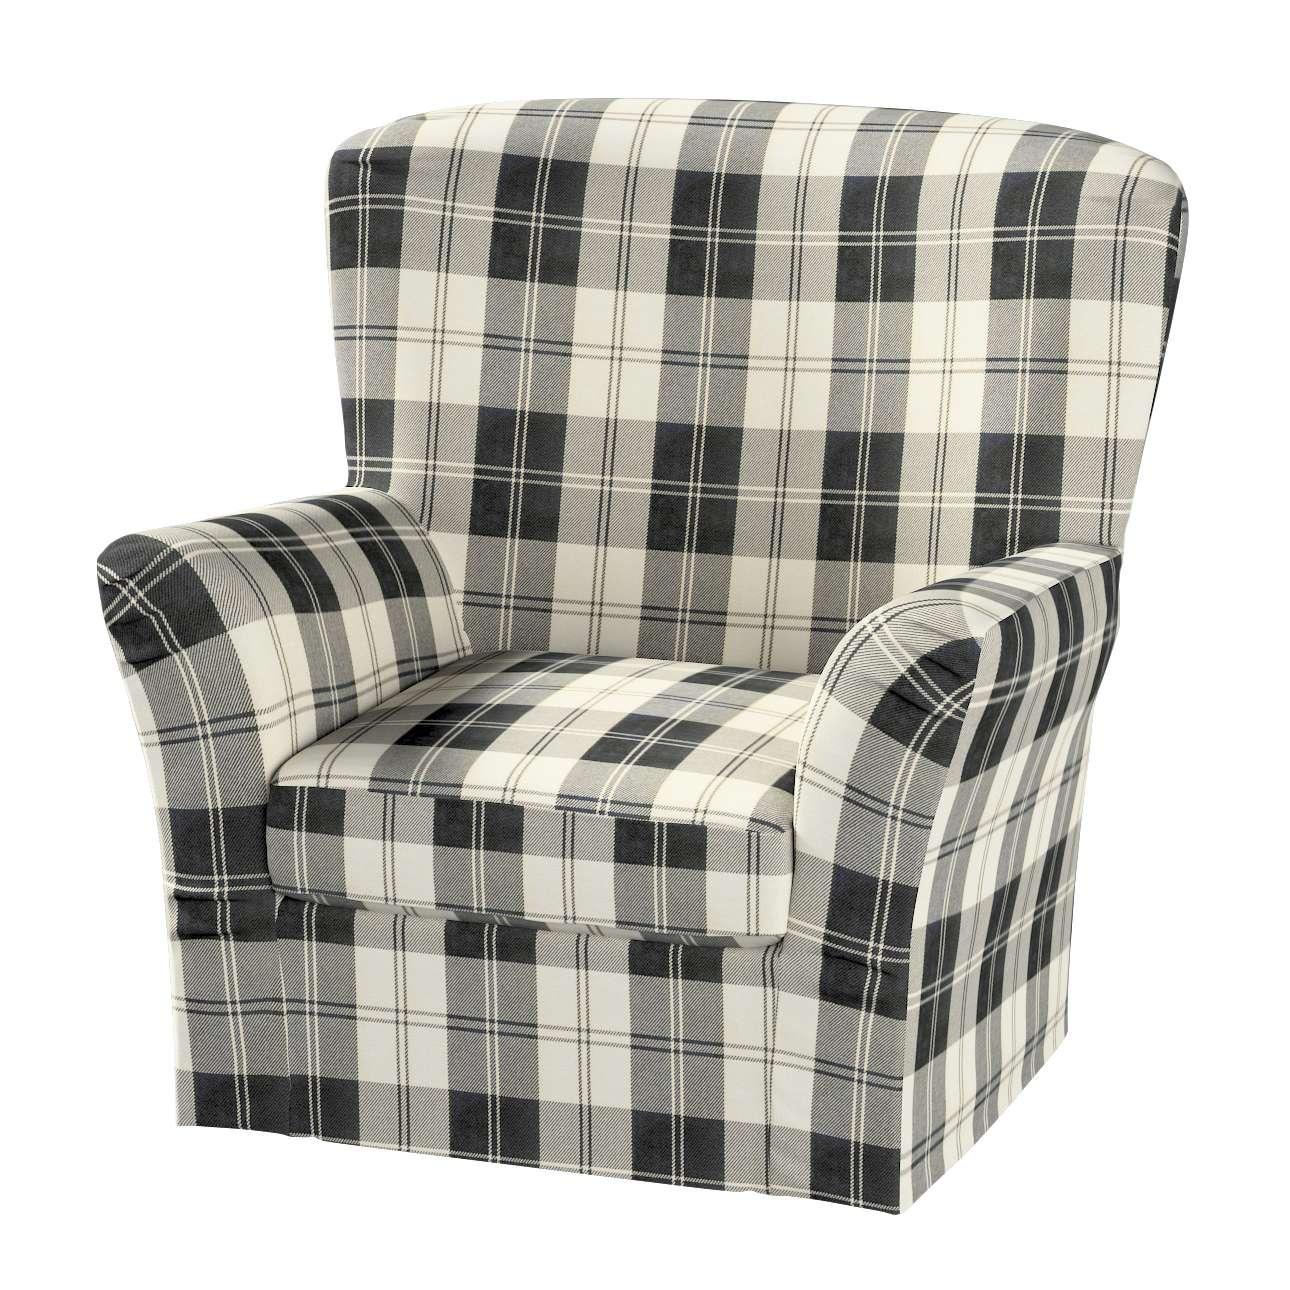 Pokrowiec na fotel Tomelilla z zakładkami fotel Tomelilla w kolekcji Edinburgh, tkanina: 115-74